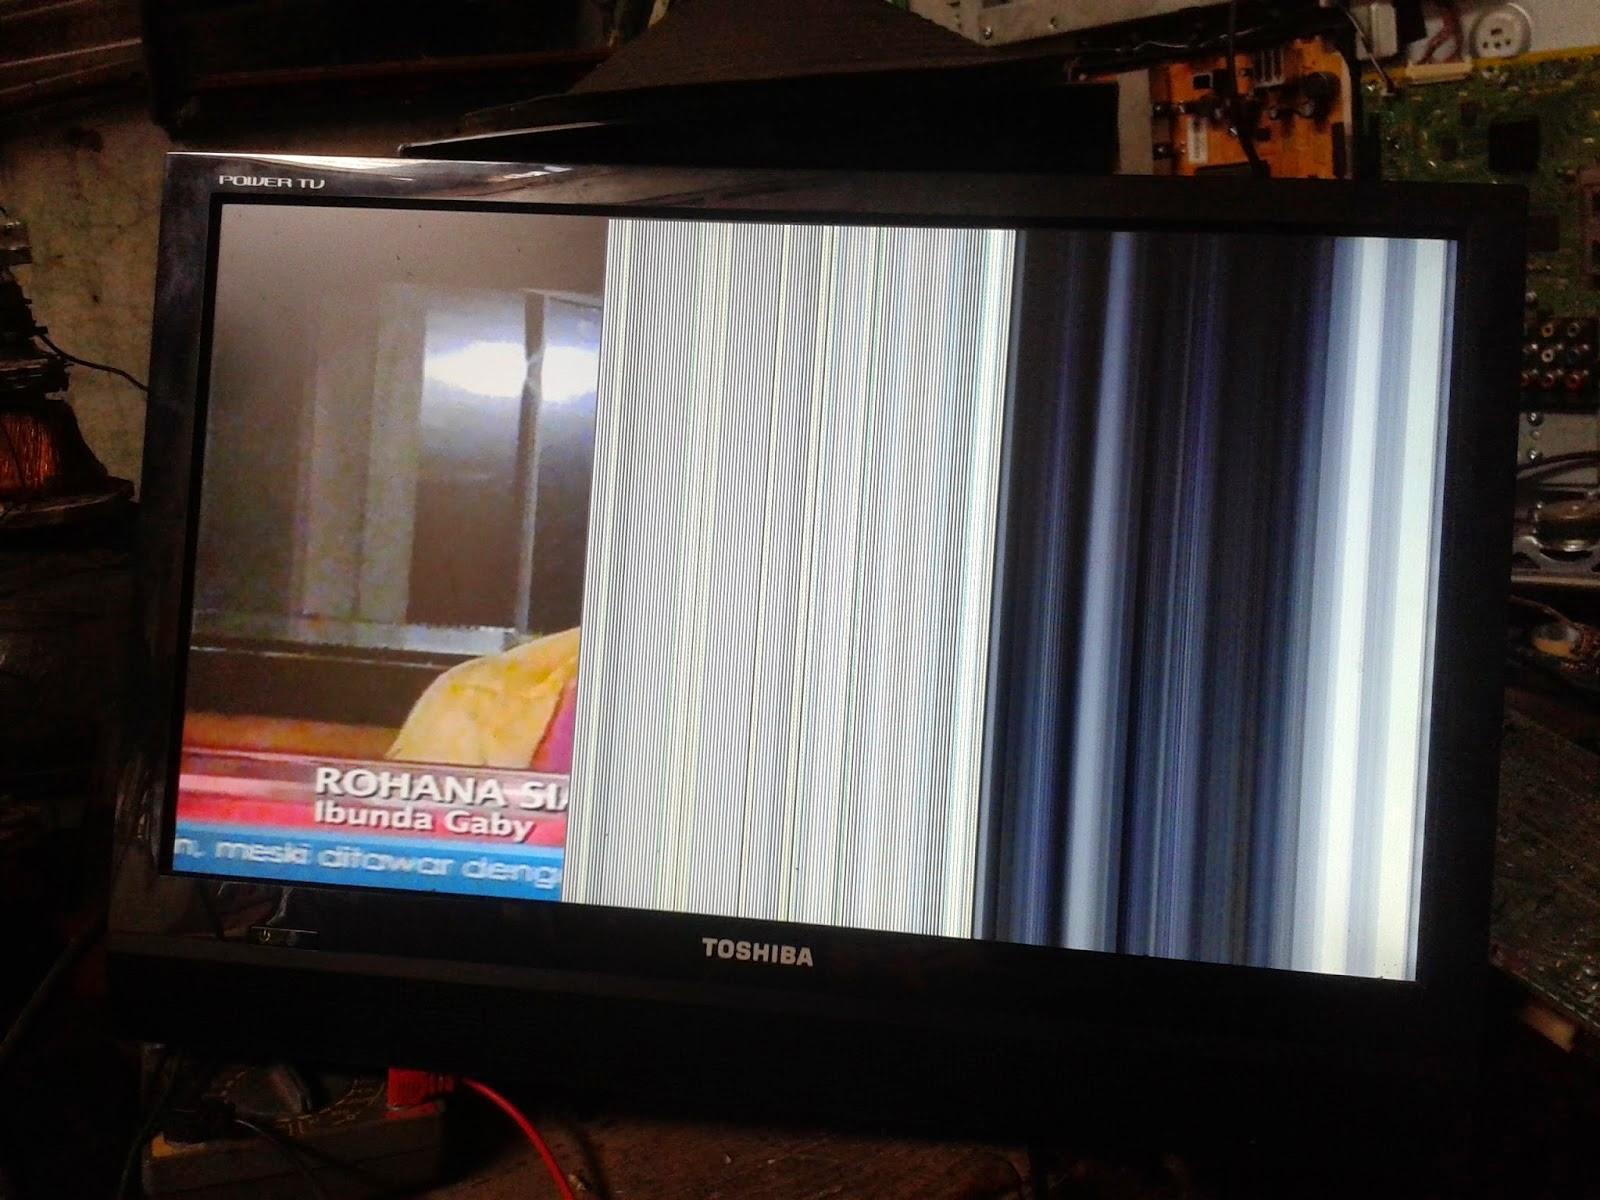 Tv Lcd Led Gambar Cuma Setengah